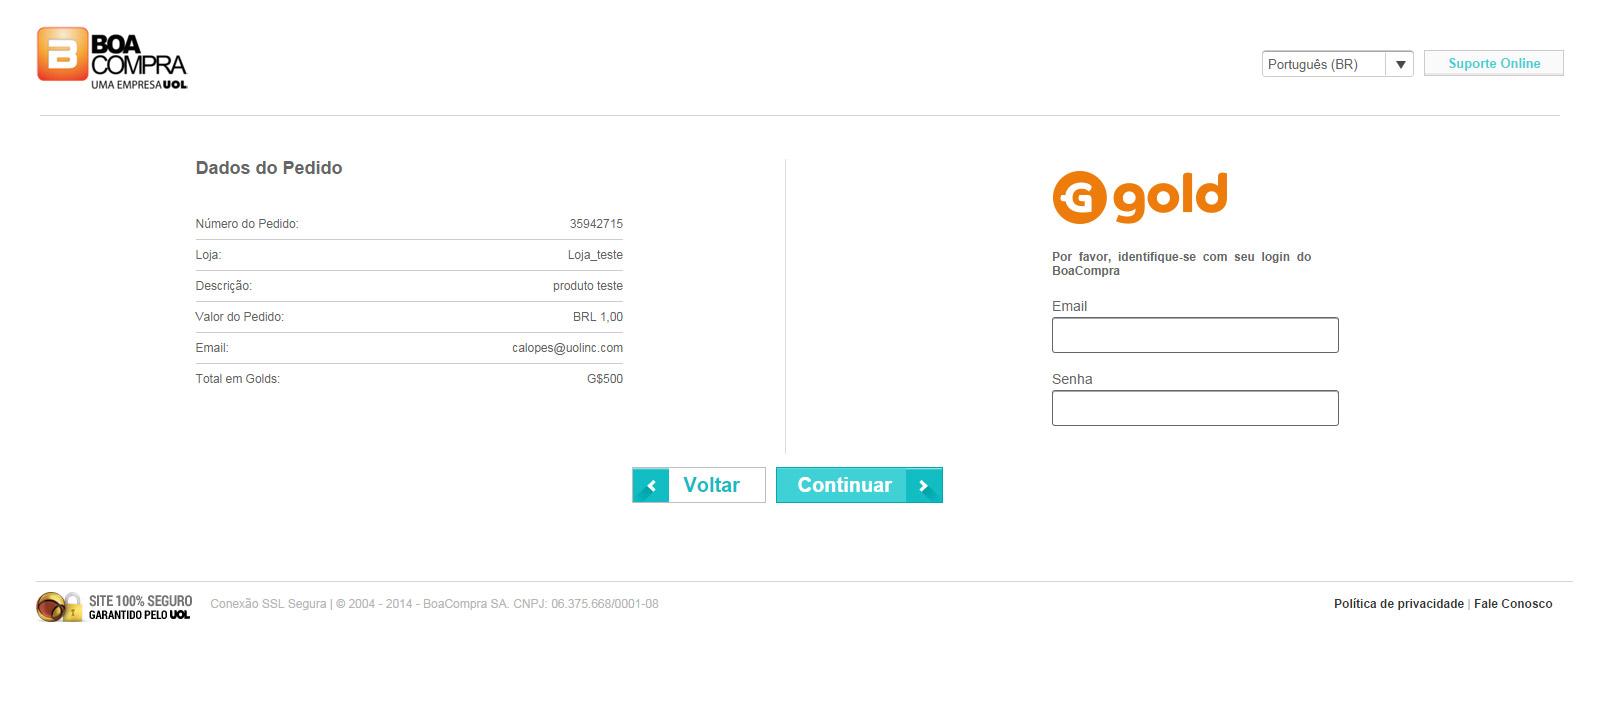 Informe seu e-mail e senha do Go4gold ou BoaCompra.